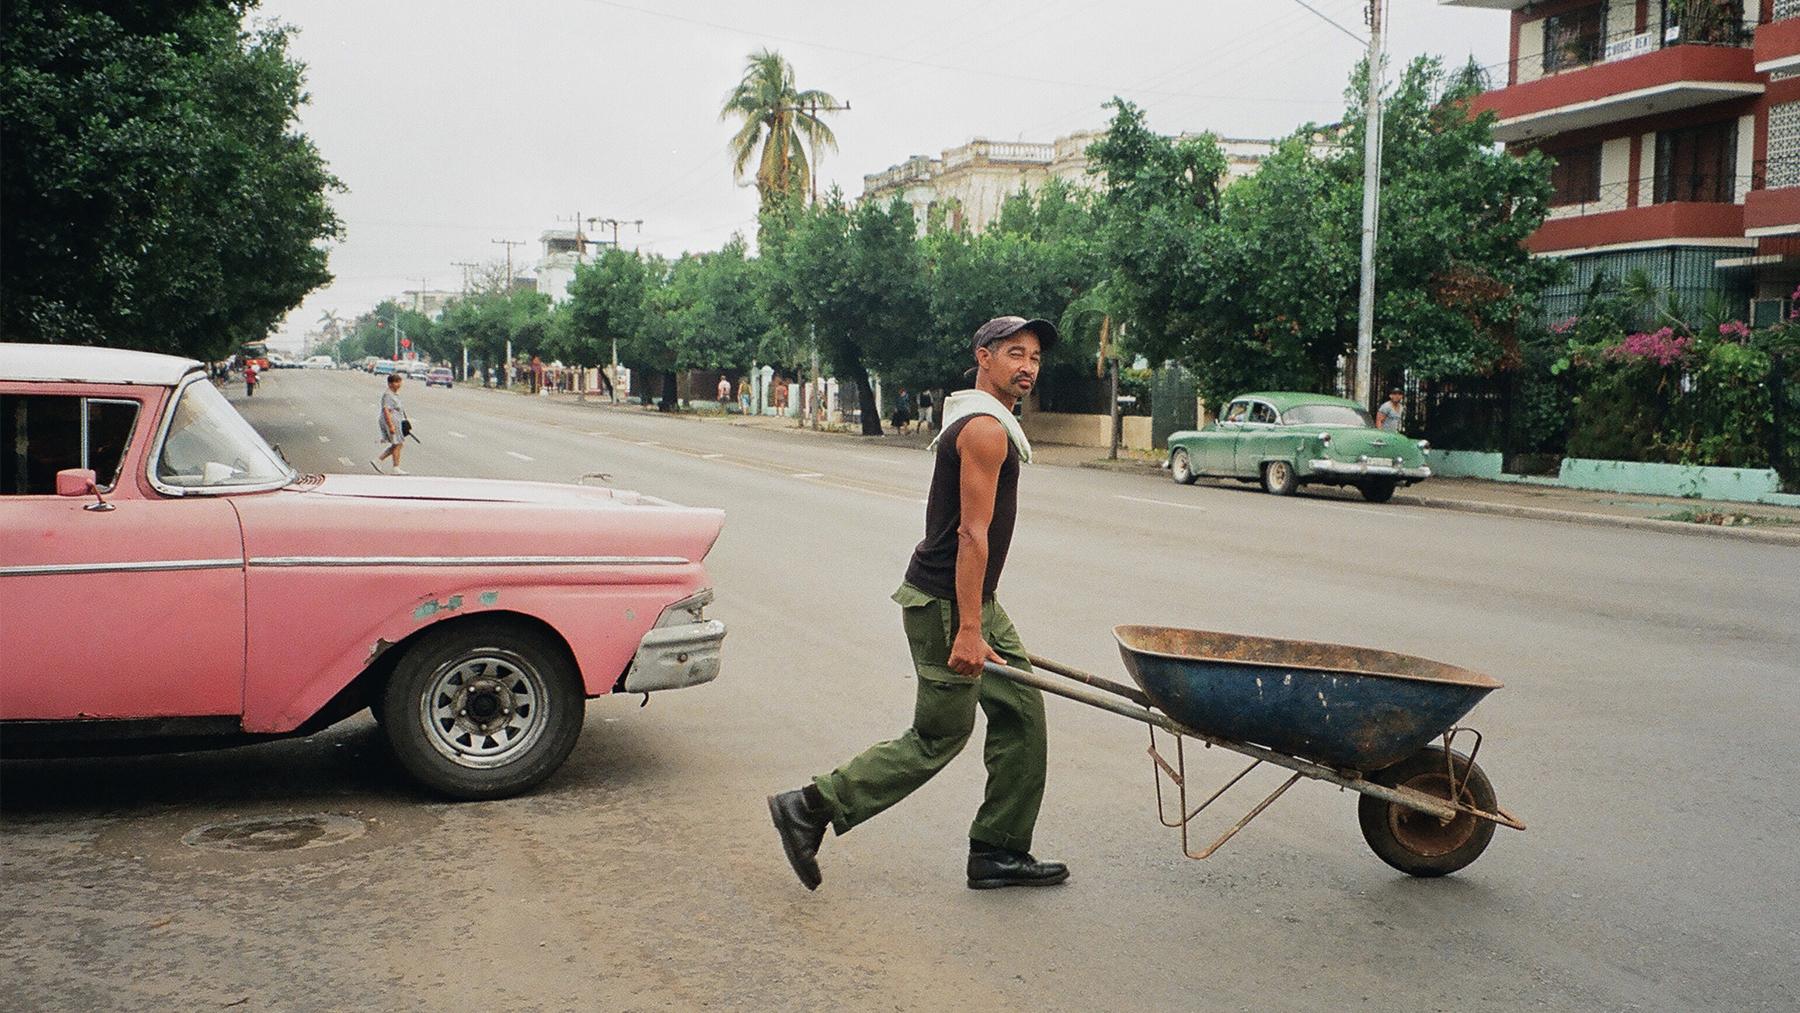 Cuba_Intro.jpg